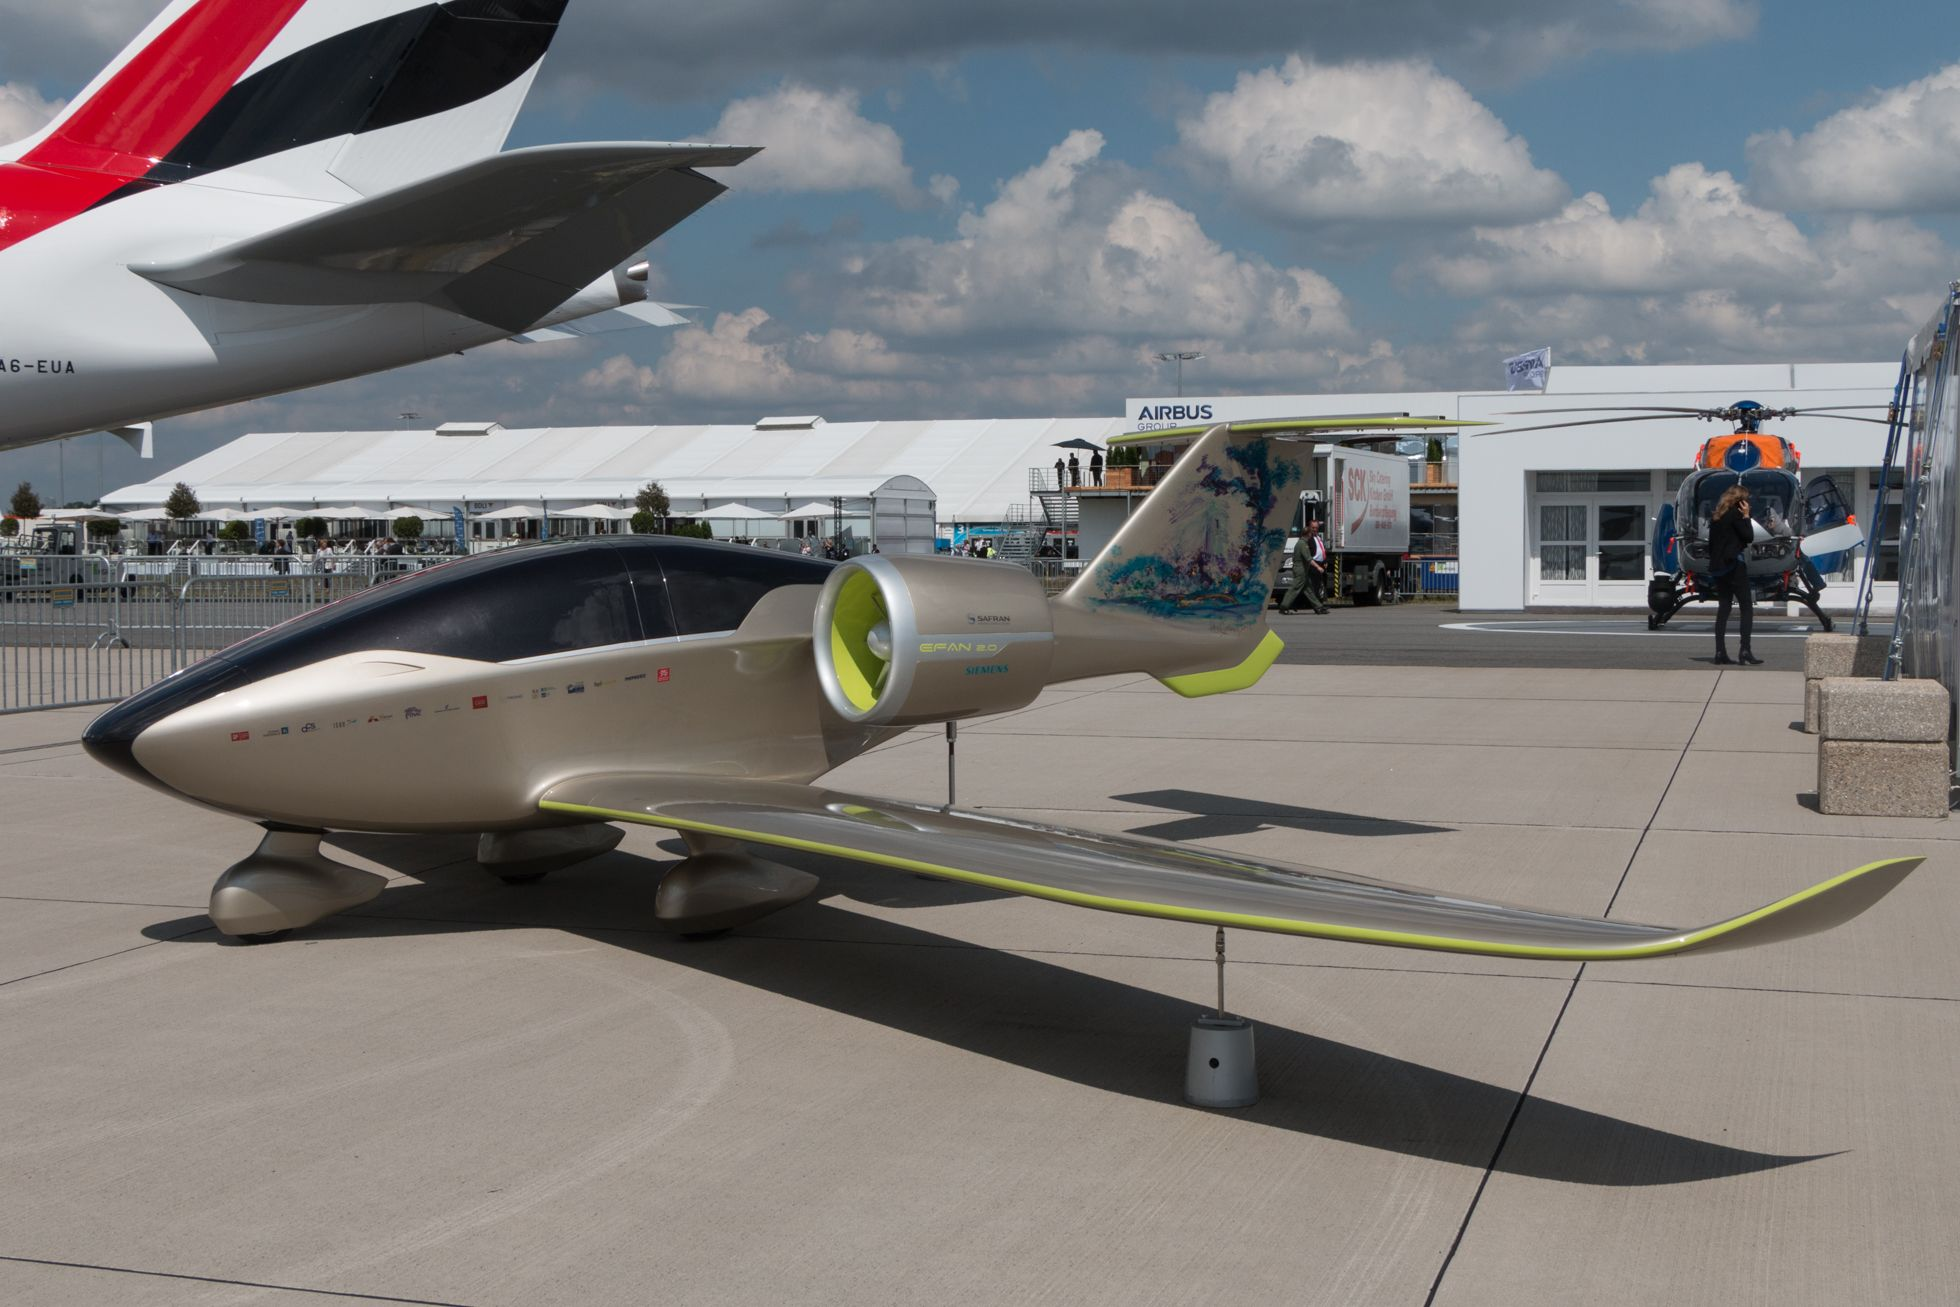 Luftfahrt: Drohnen, Schwerelosigkeit und ein Flieger aus dem 3D-Drucker - Experimentell: der Elektroflieger E-Fan.... (Foto: Werner Pluta/Golem.de)D